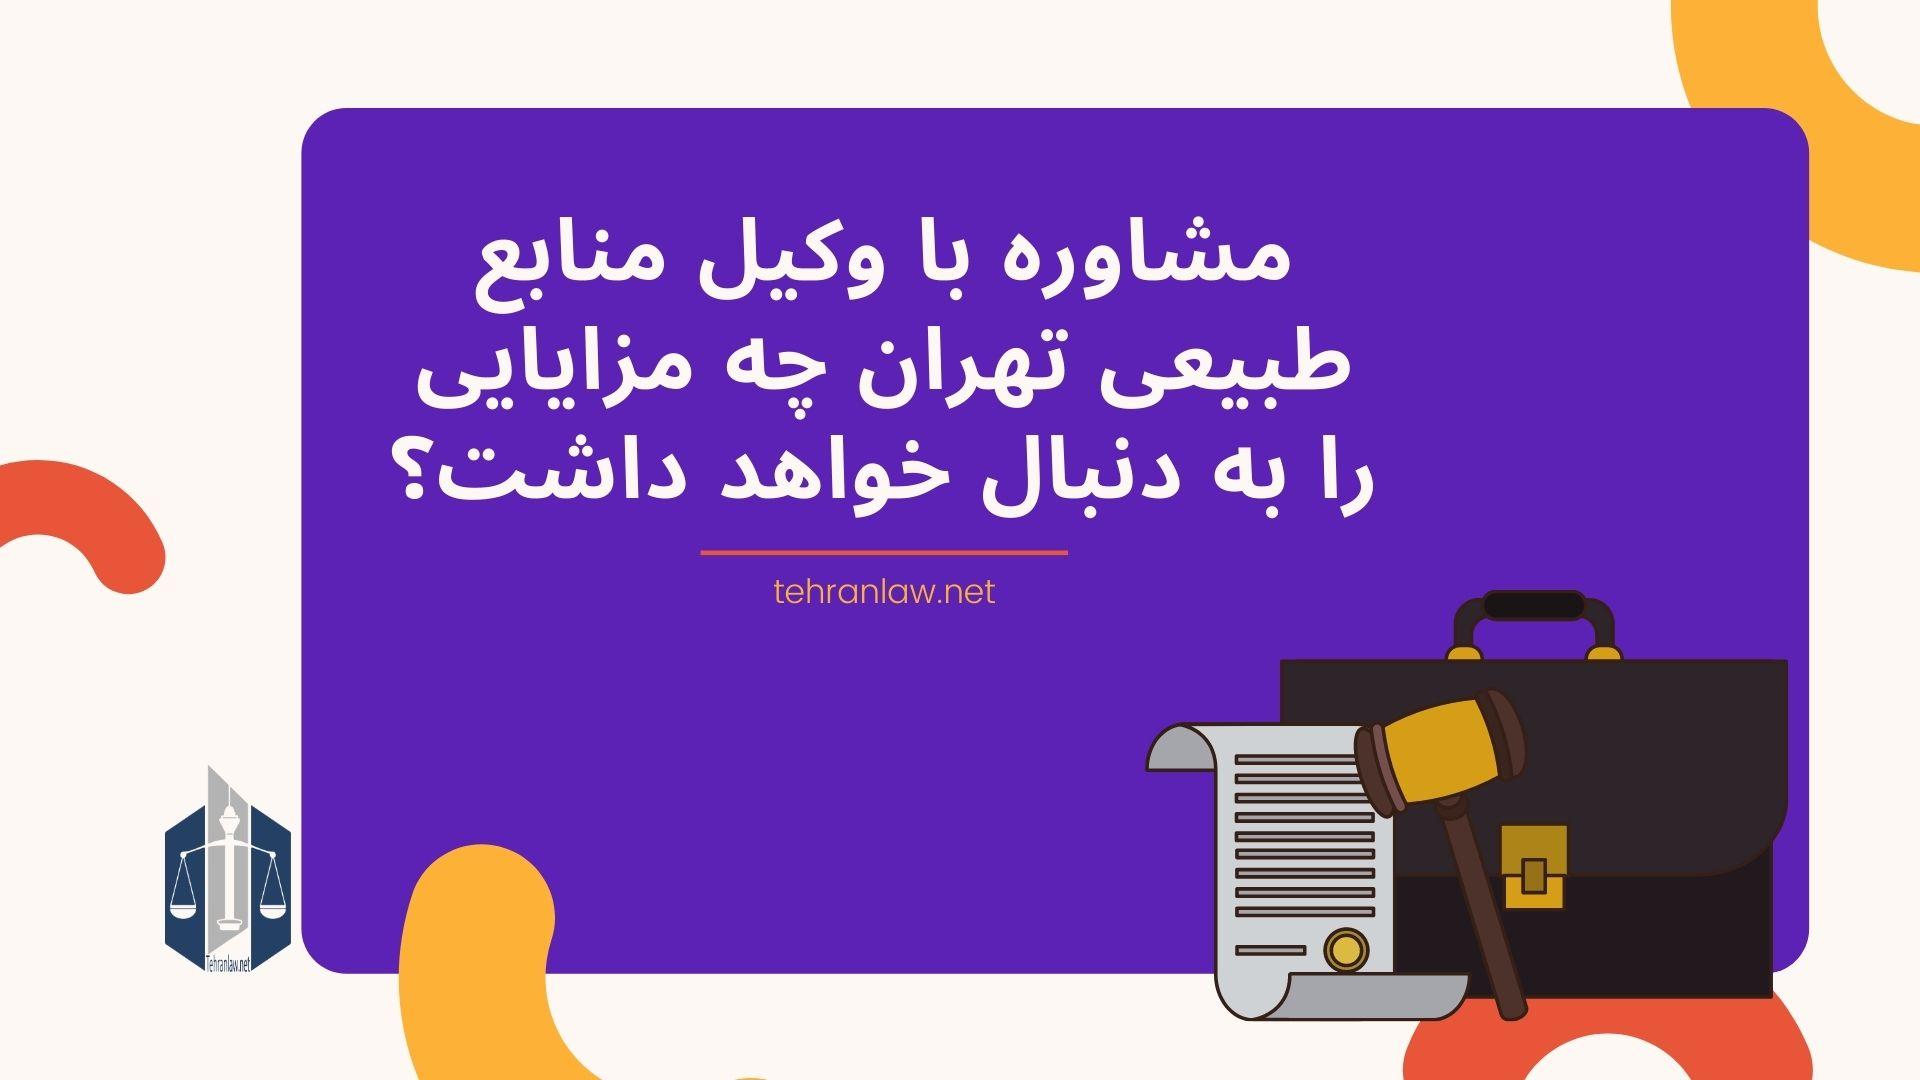 مشاوره با وکیل منابع طبیعی تهران چه مزایایی را به دنبال خواهد داشت؟